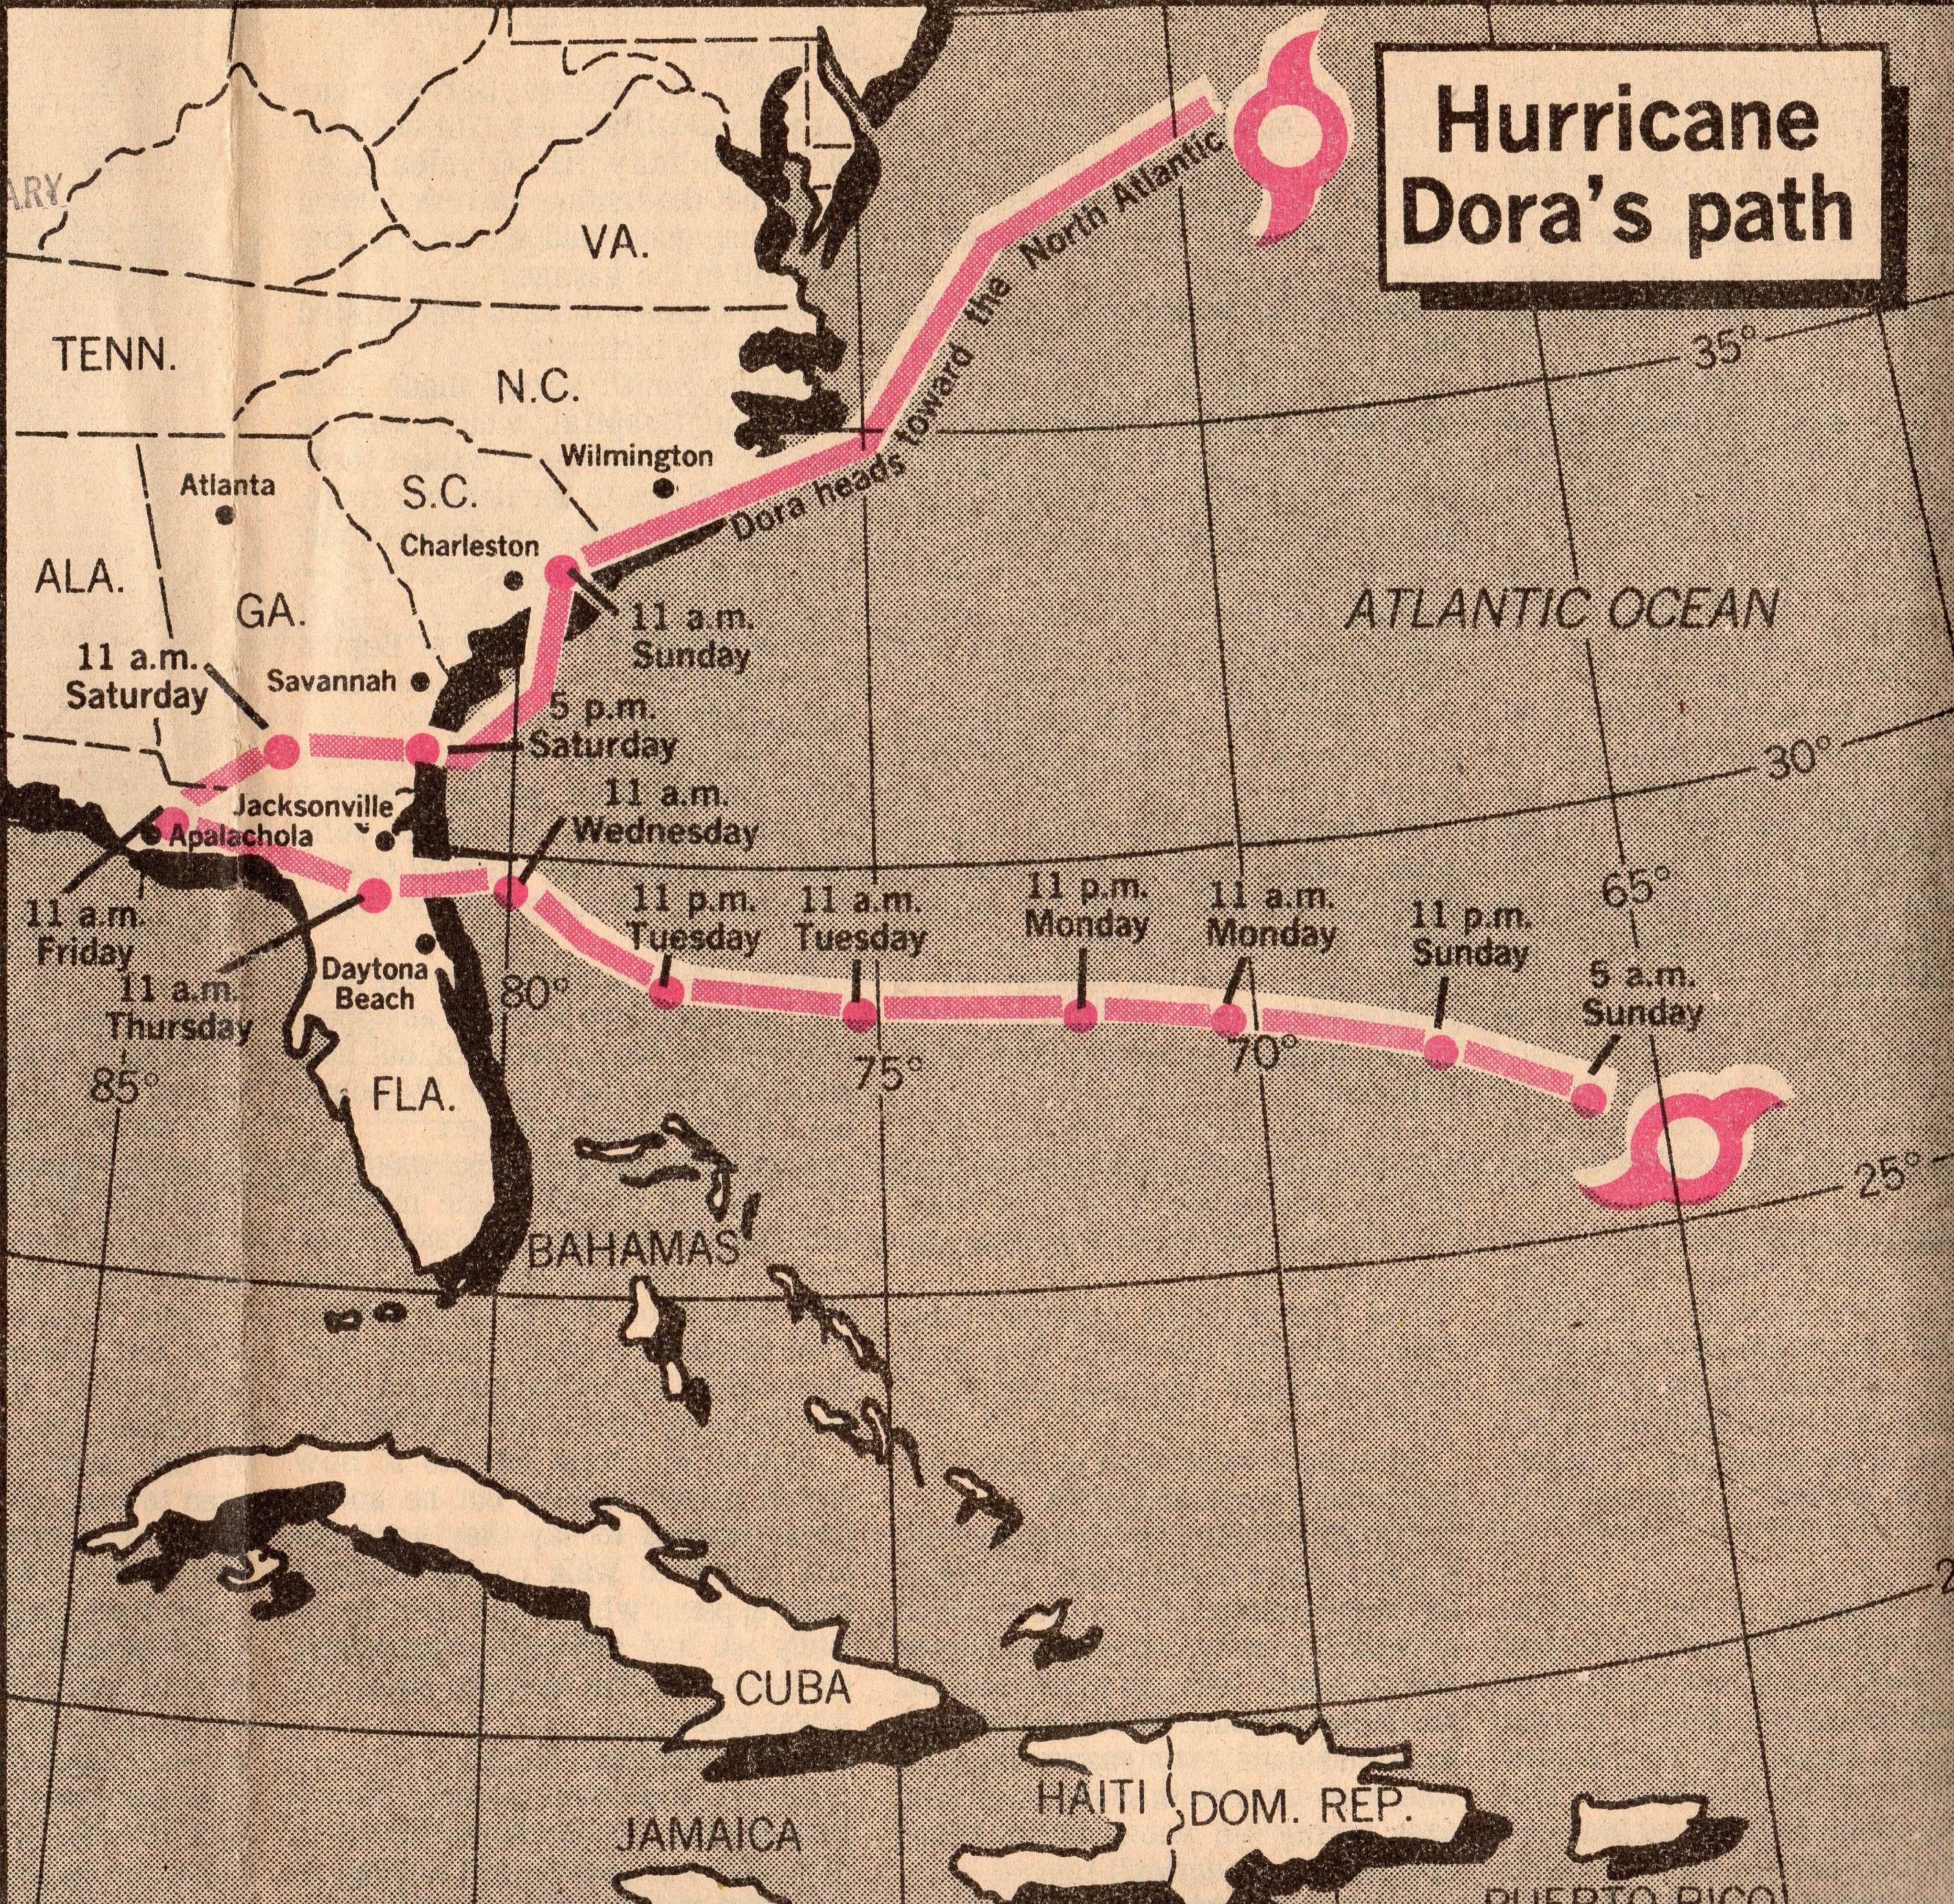 Remembering Hurricane Dorathe Jacksonville Historical Society